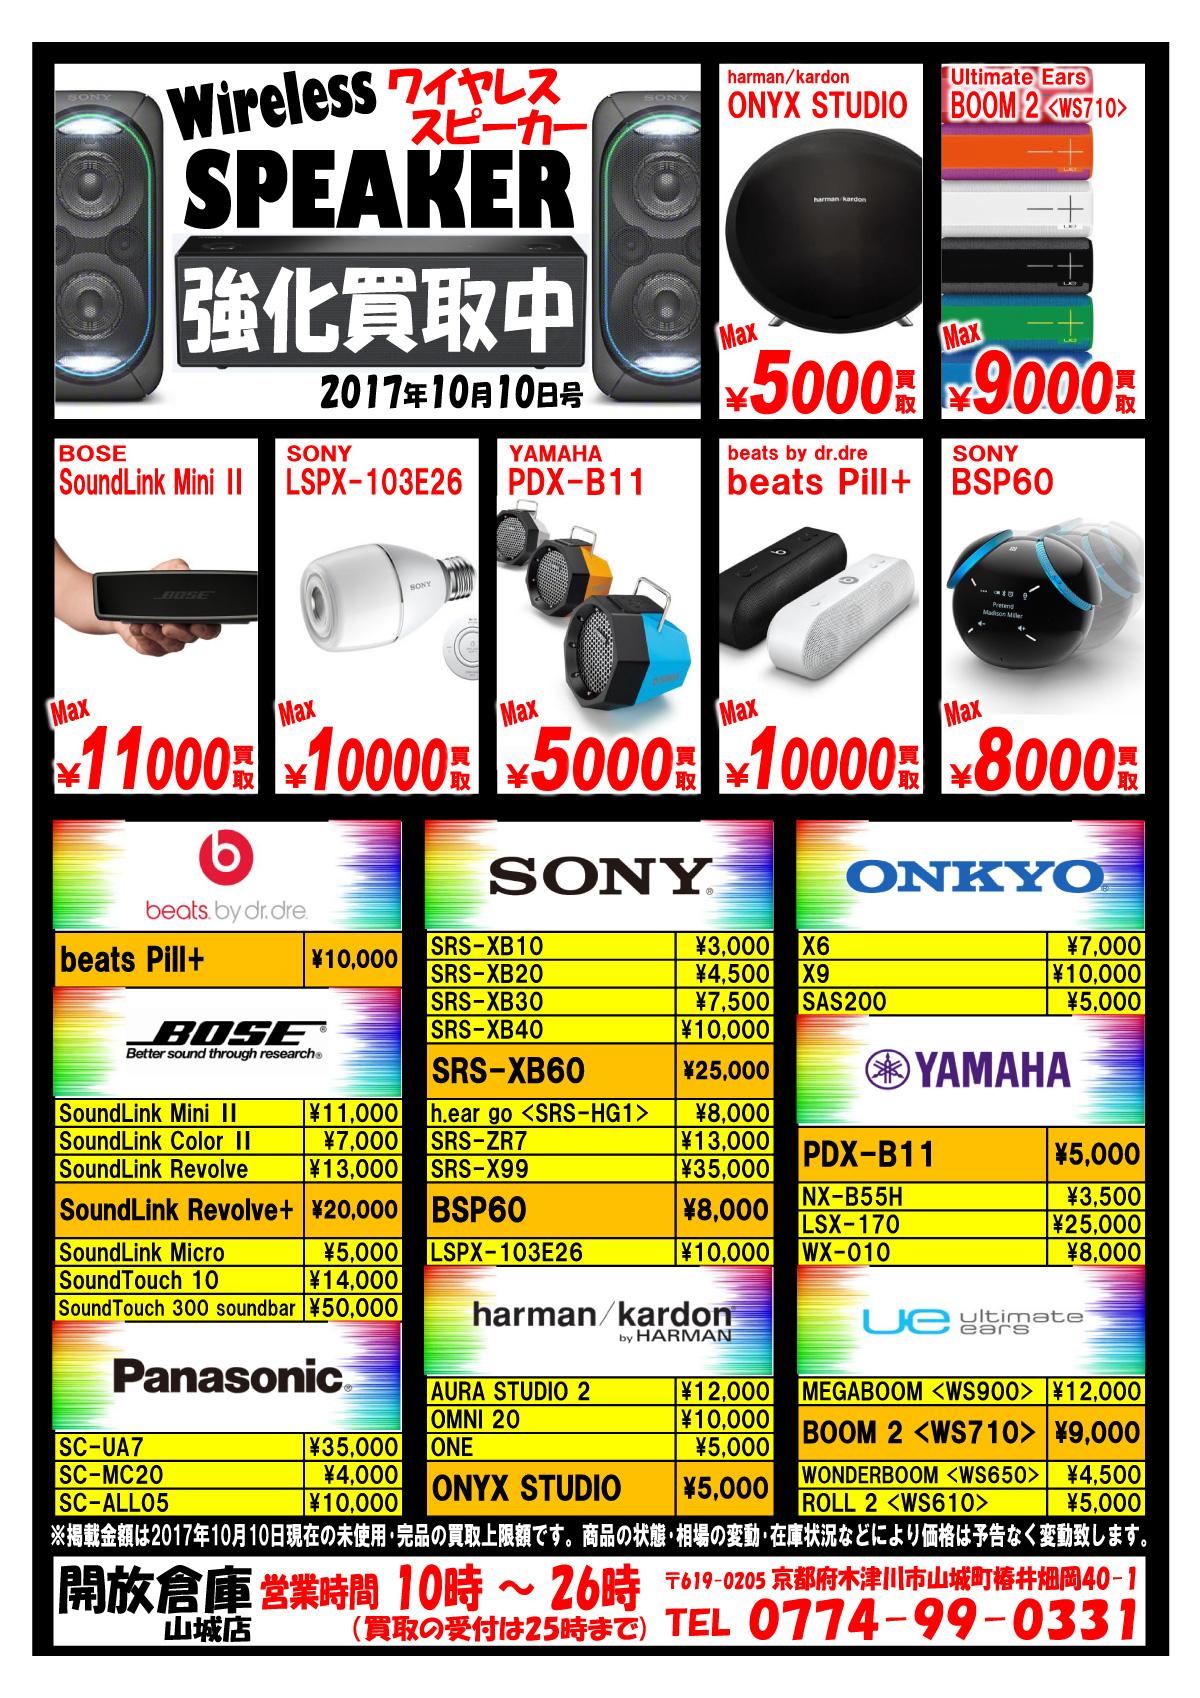 「開放倉庫山城店」家電コーナー<Wireless SPEAKER・ワイヤレススピーカー>強化買取中!10月10日号の買取表を更新しました!